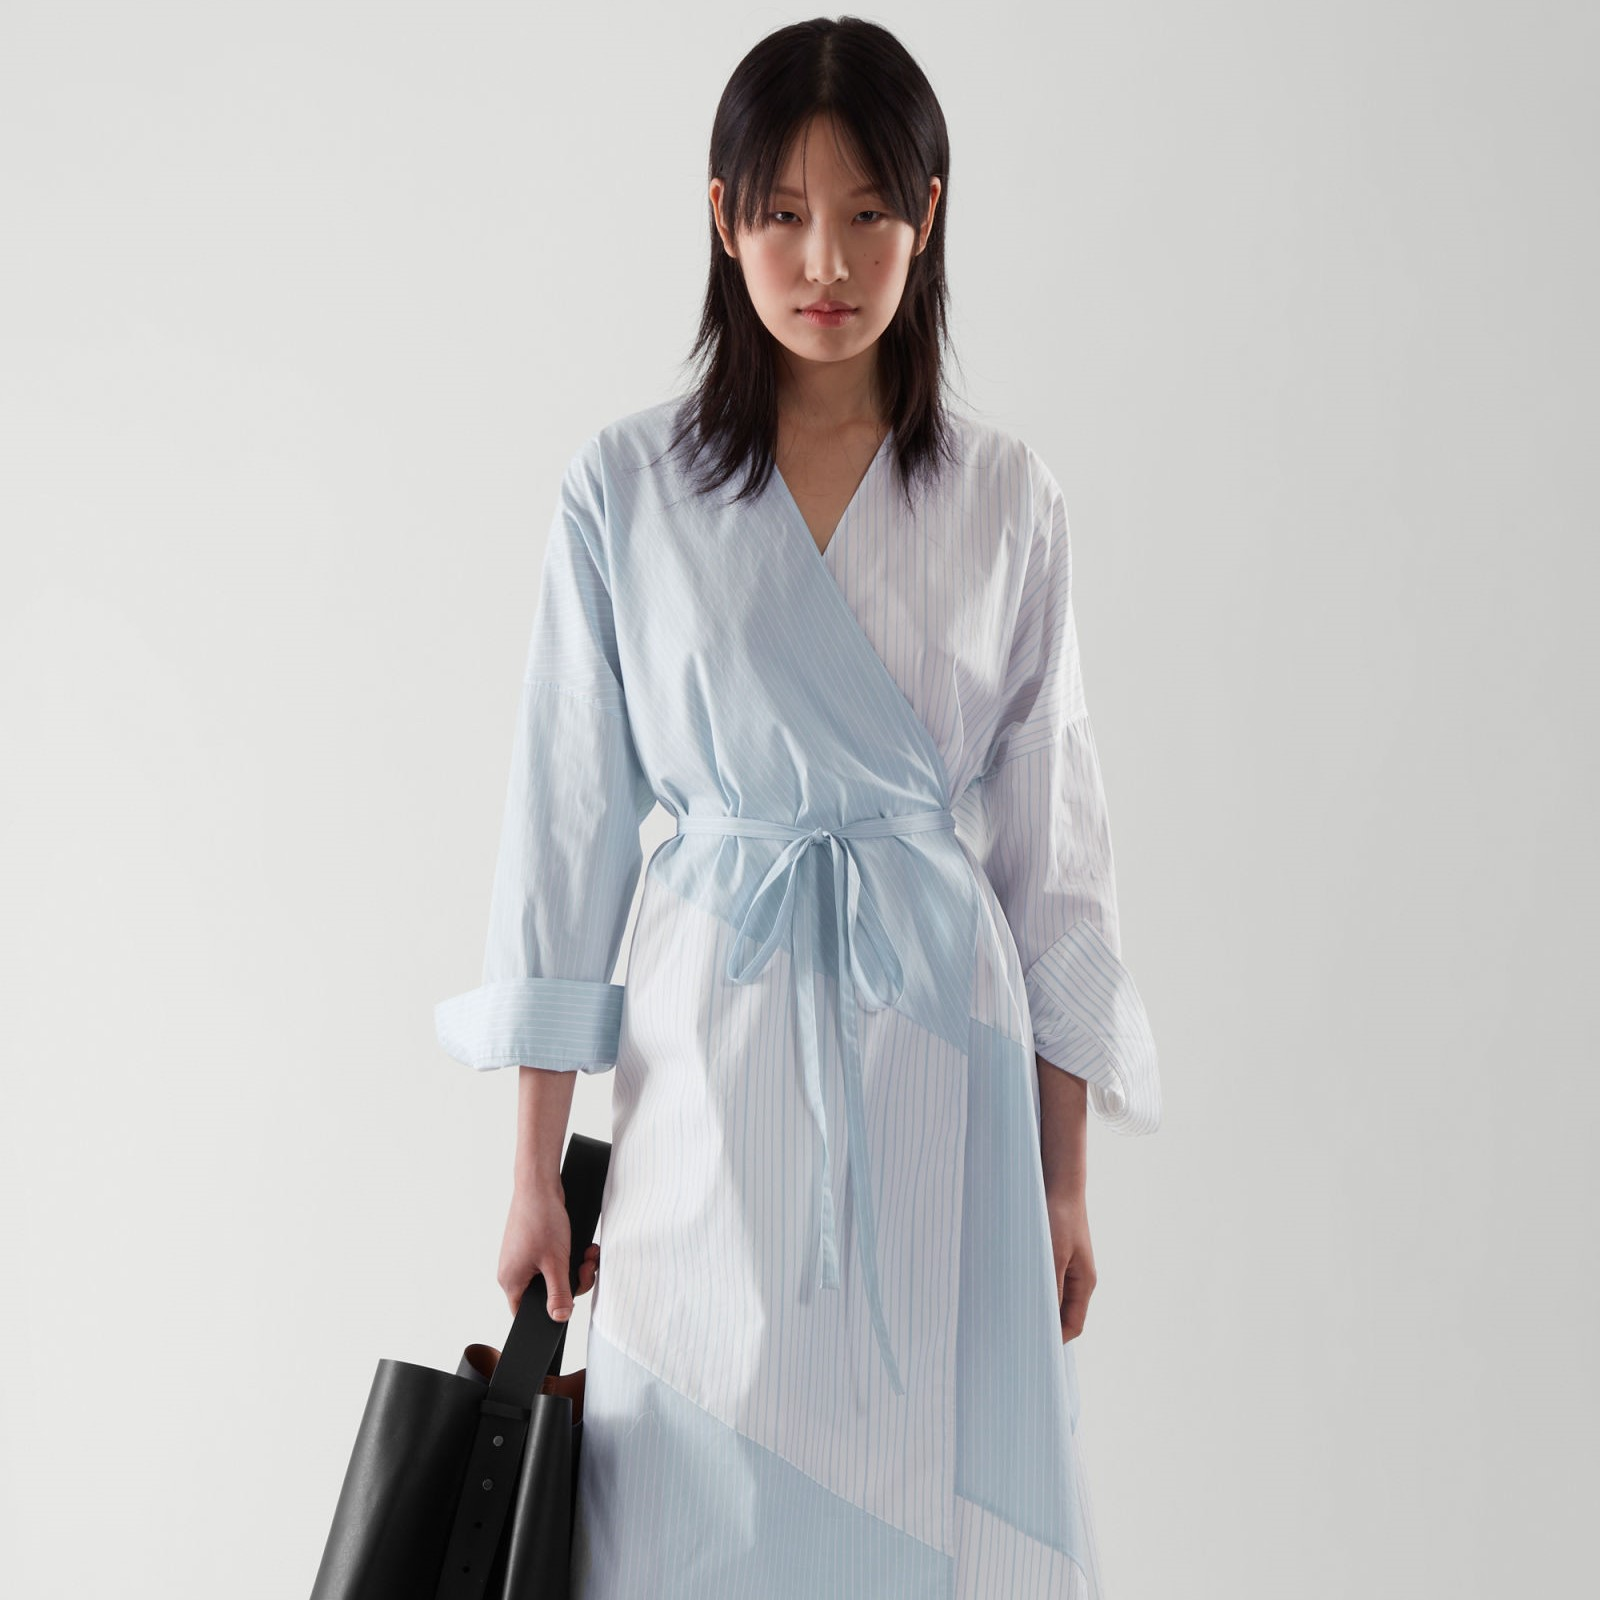 COS 不规则系带衬衫裙 5折